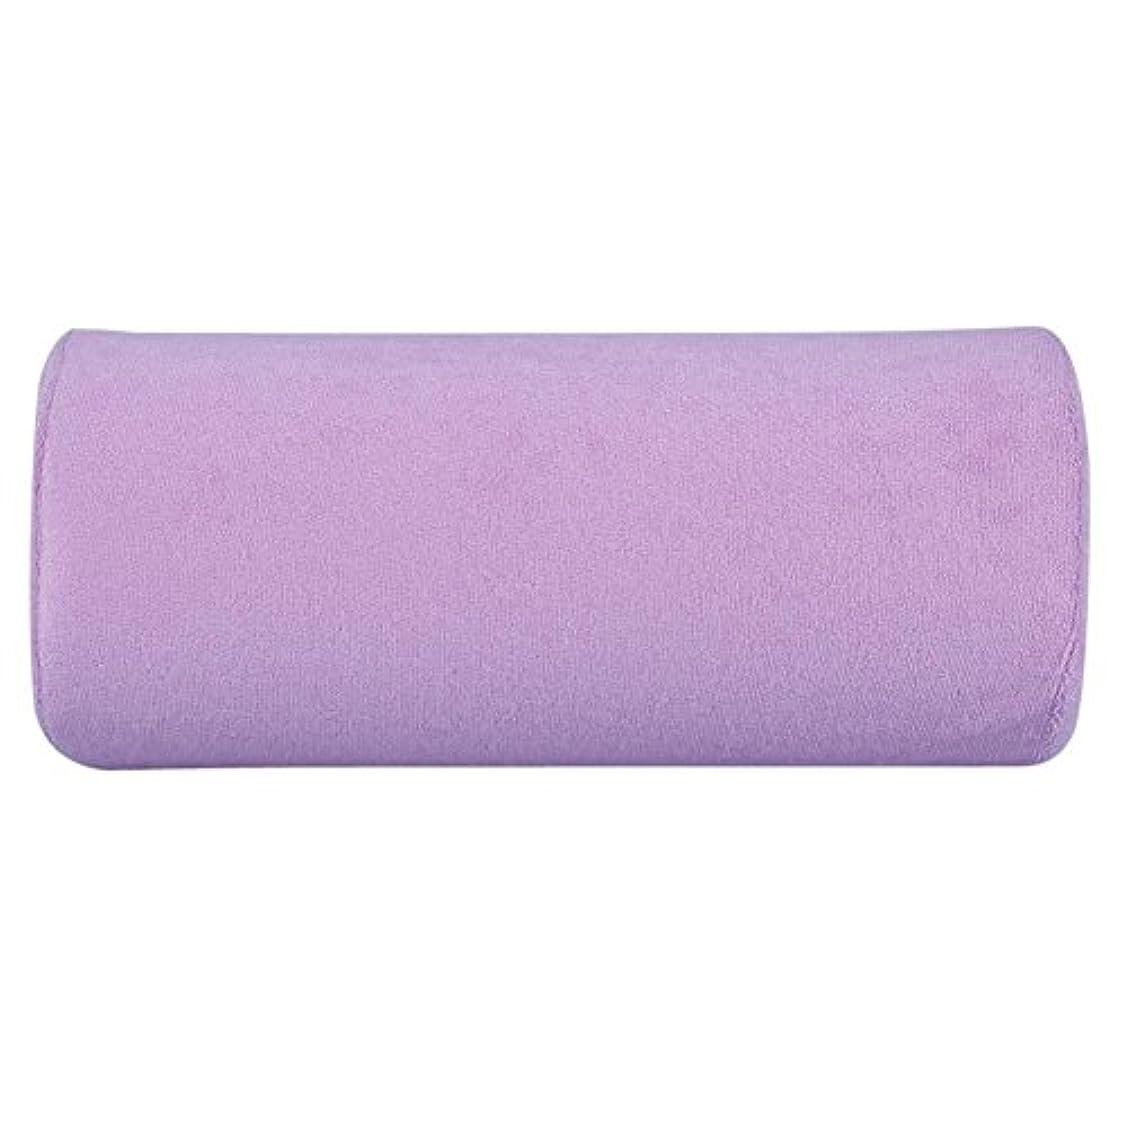 アートソフトスポンジピローハンドレストクッション(紫の)